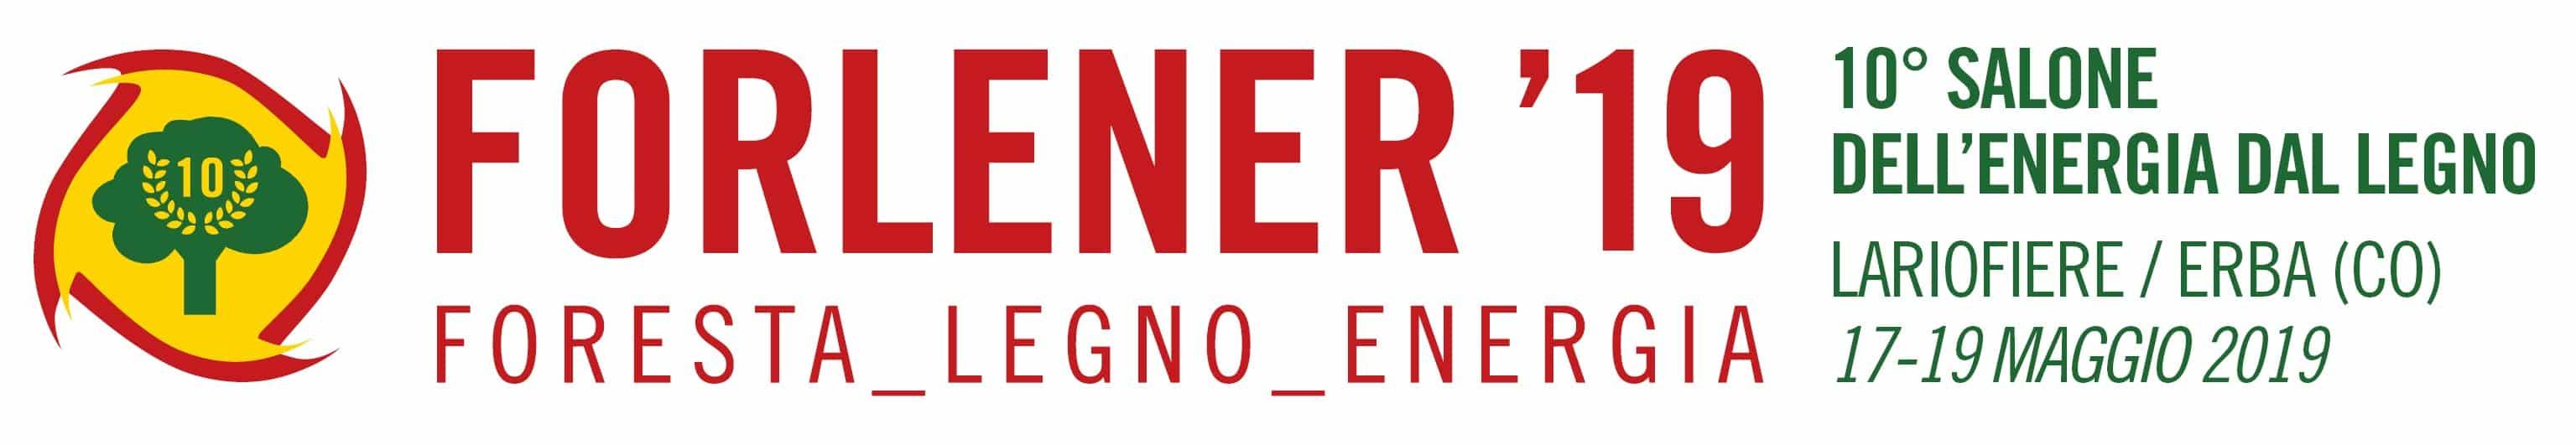 FORLENER 2019: insieme ad Assocosma diffondiamo le Buone Pratiche per il riscaldamento a legna